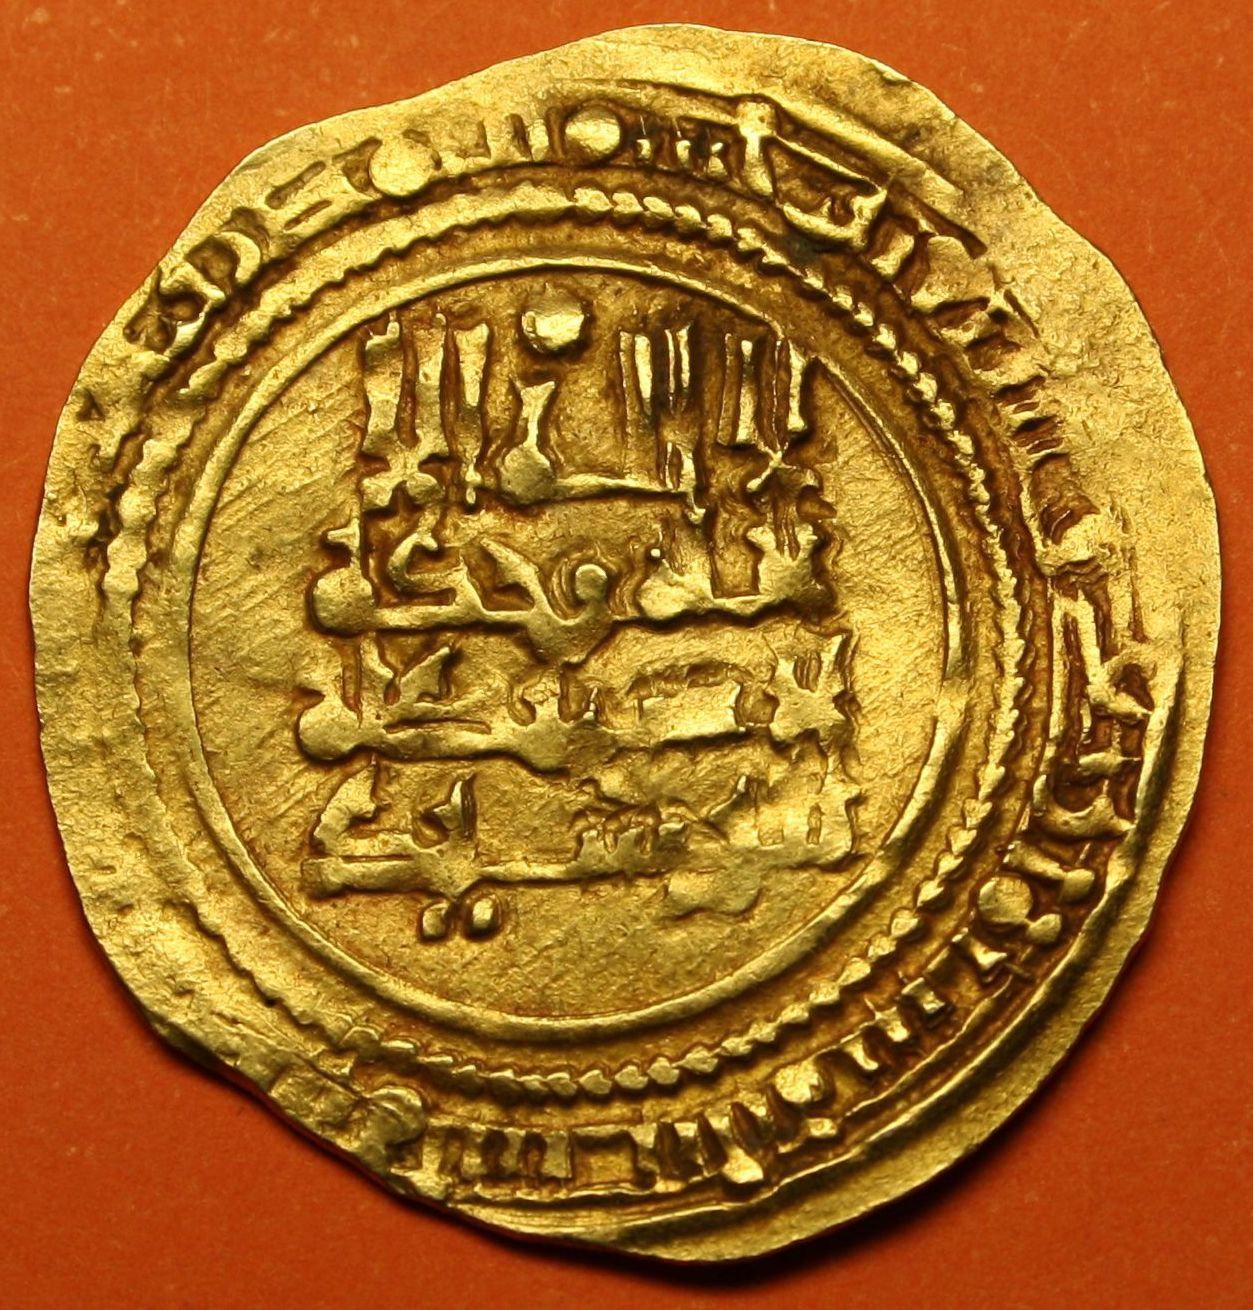 Dinar de Al-Mutamid, 474, Medina Sevilla C9fa52_2582cadb29b94e8cae52a17afc945bbf~mv2_d_1253_1310_s_2